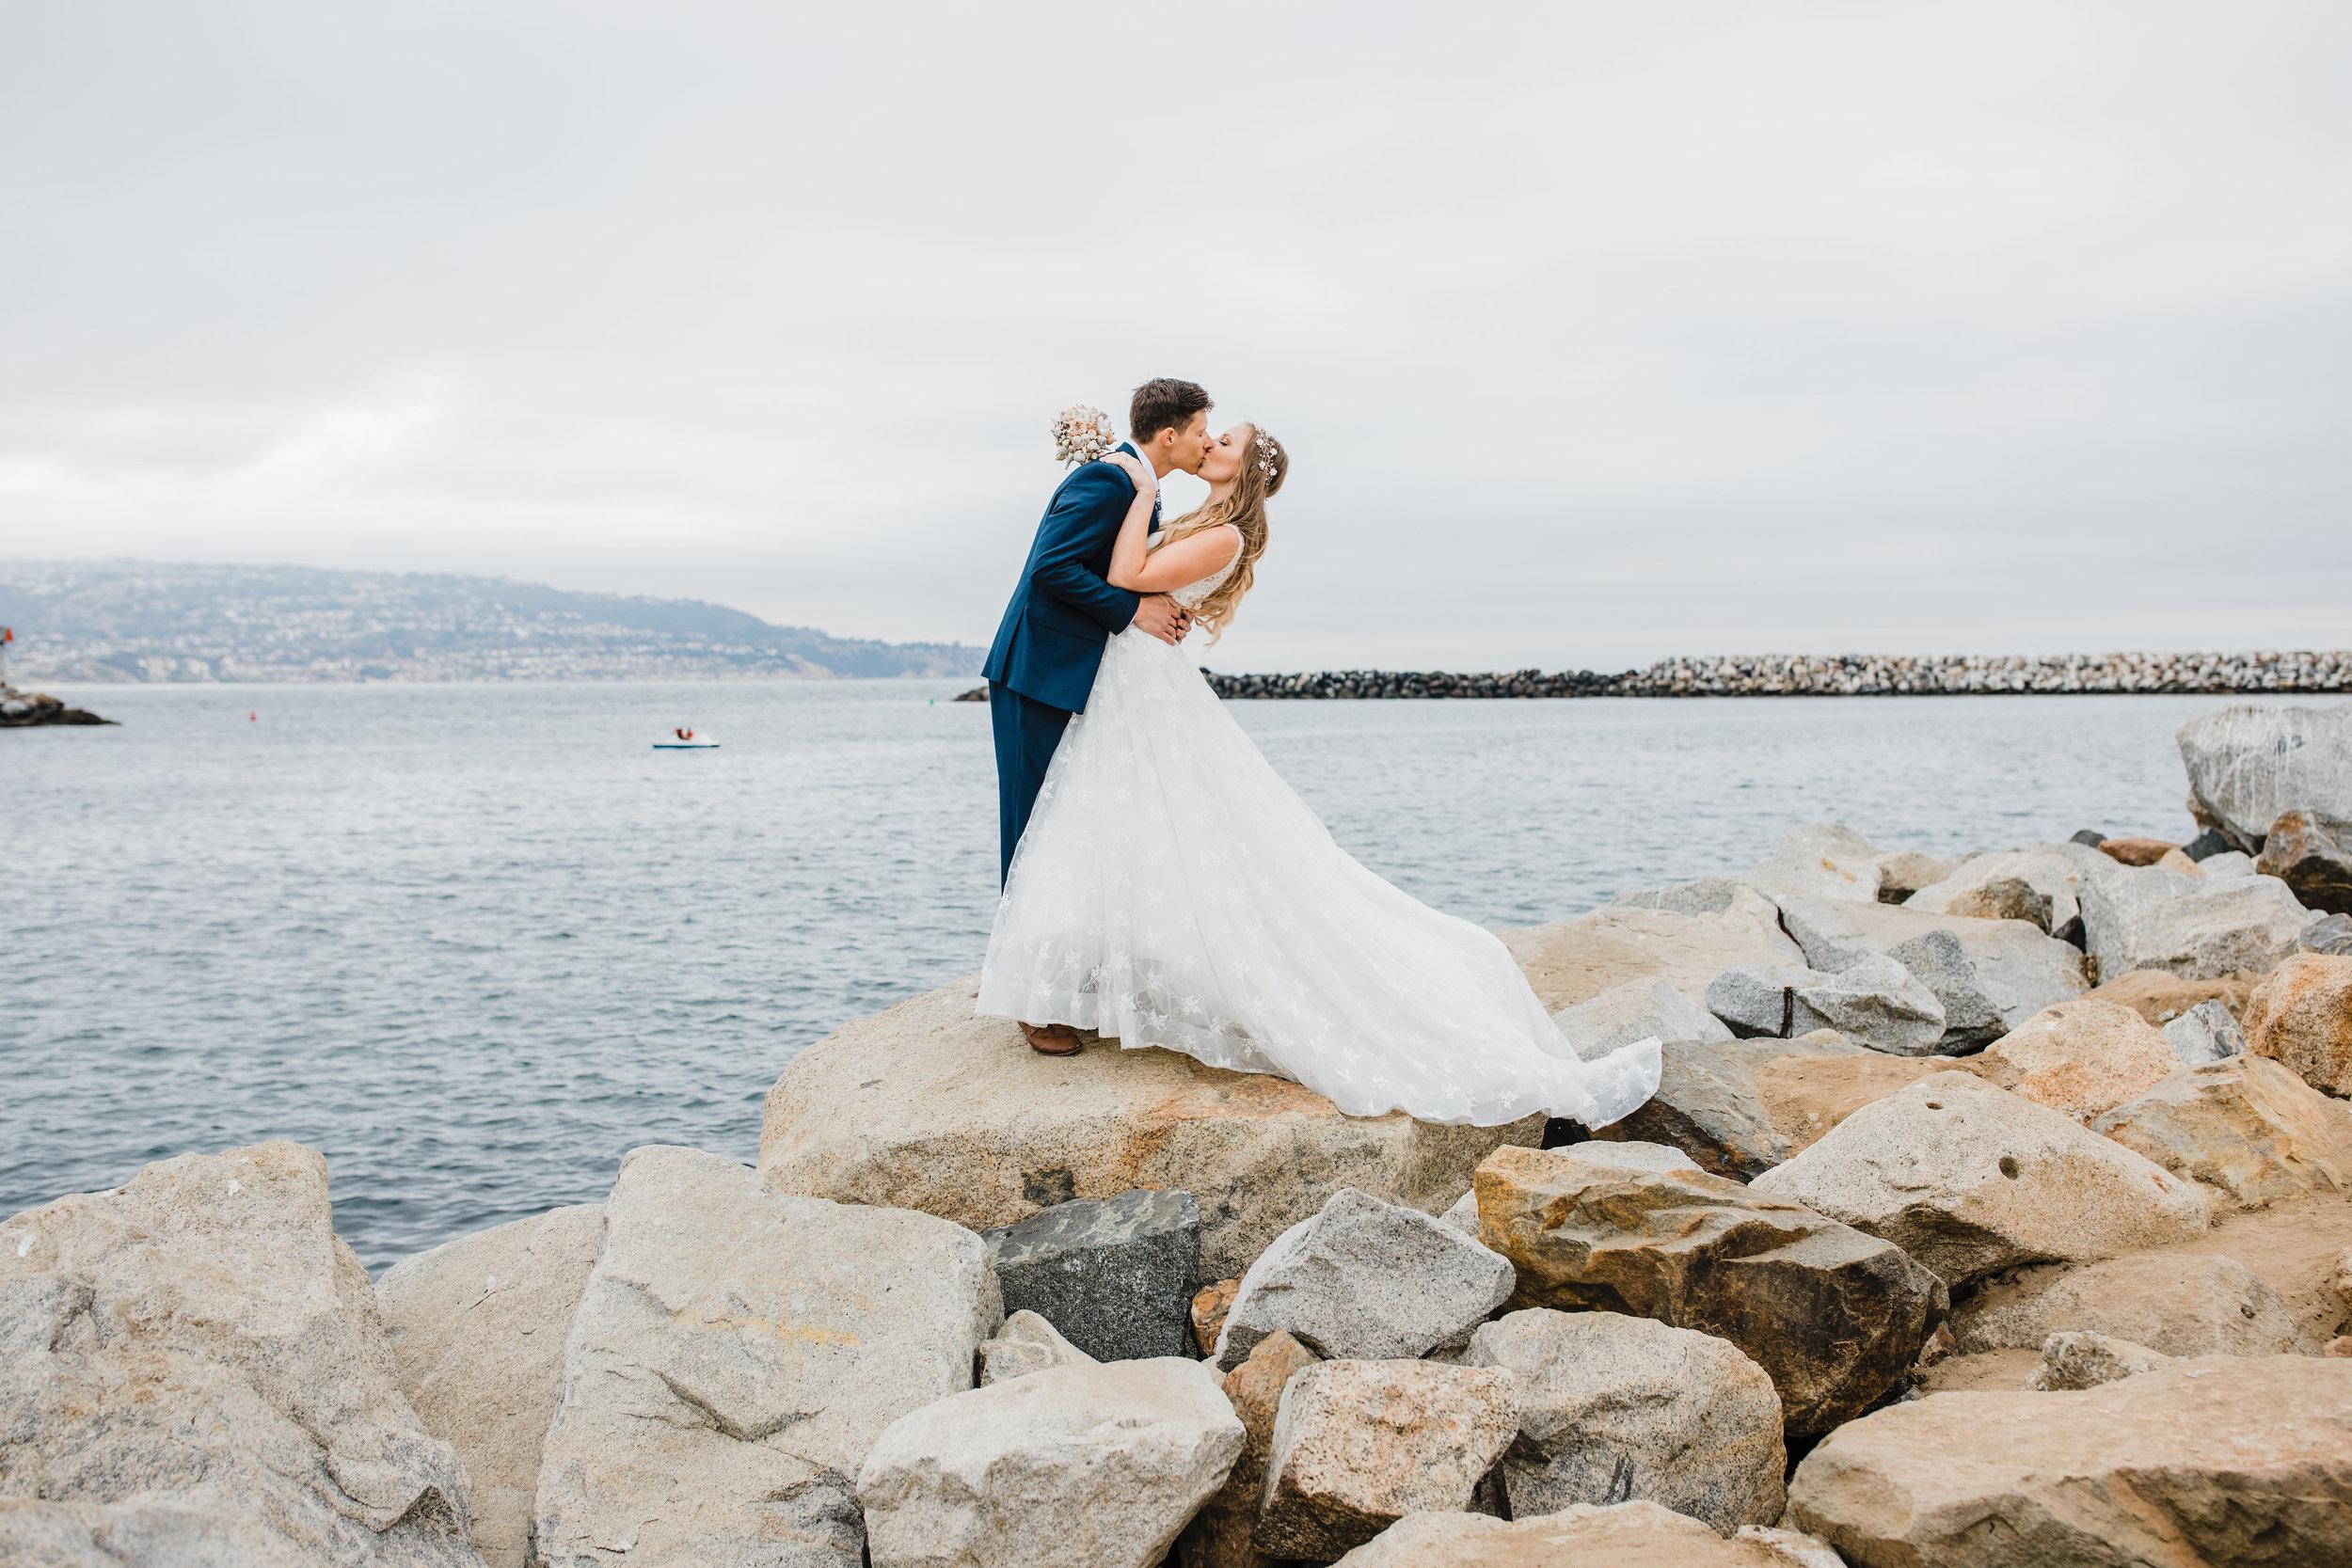 romantic natural posing wedding photographer in arvada colorado calli richards wedding day photos